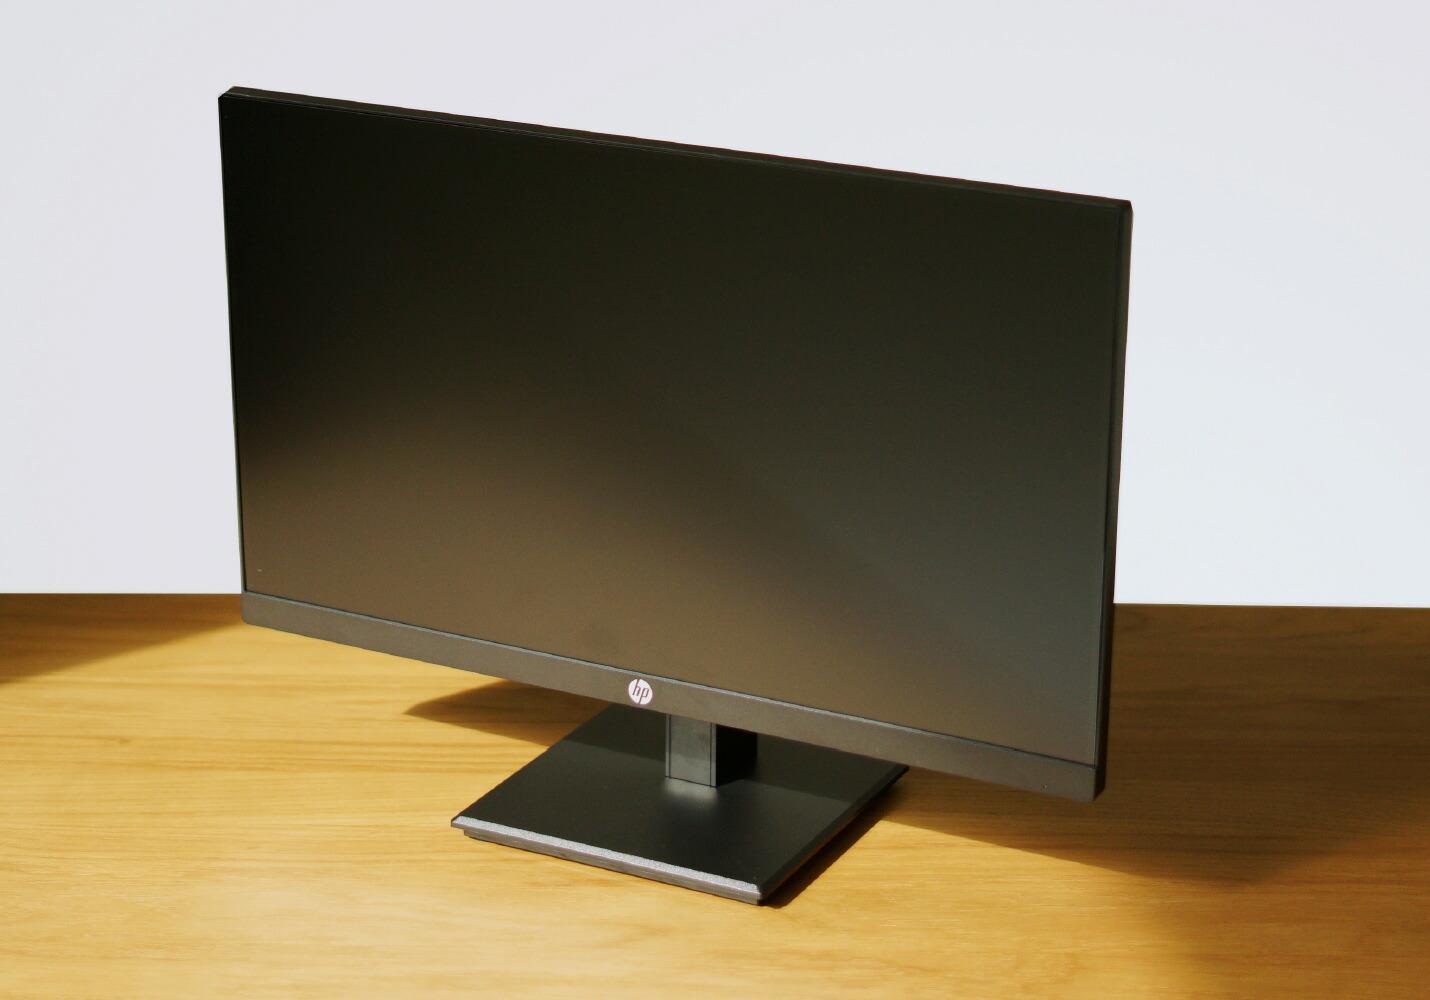 HP ProDisplay 21.5インチワイドIPSモニターをプレゼント